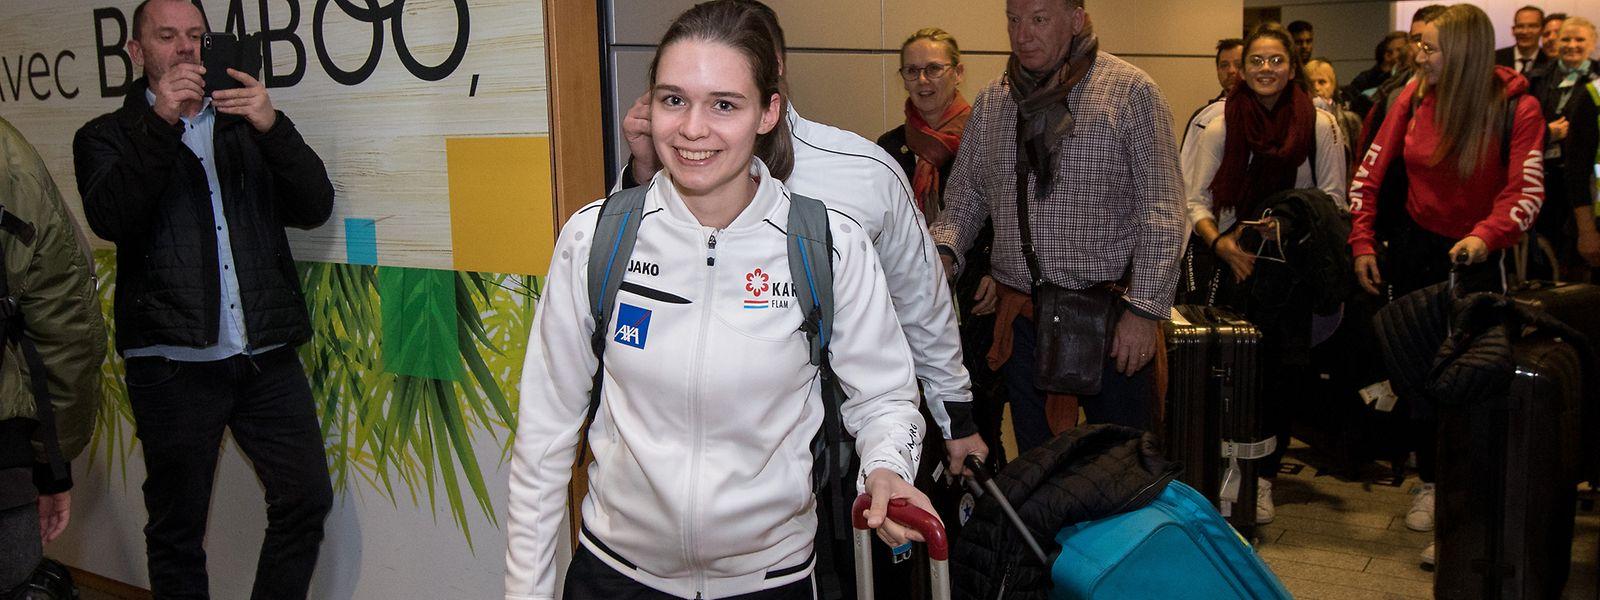 Europameisterin Jenny Warling ist wieder zurück in Luxemburg.